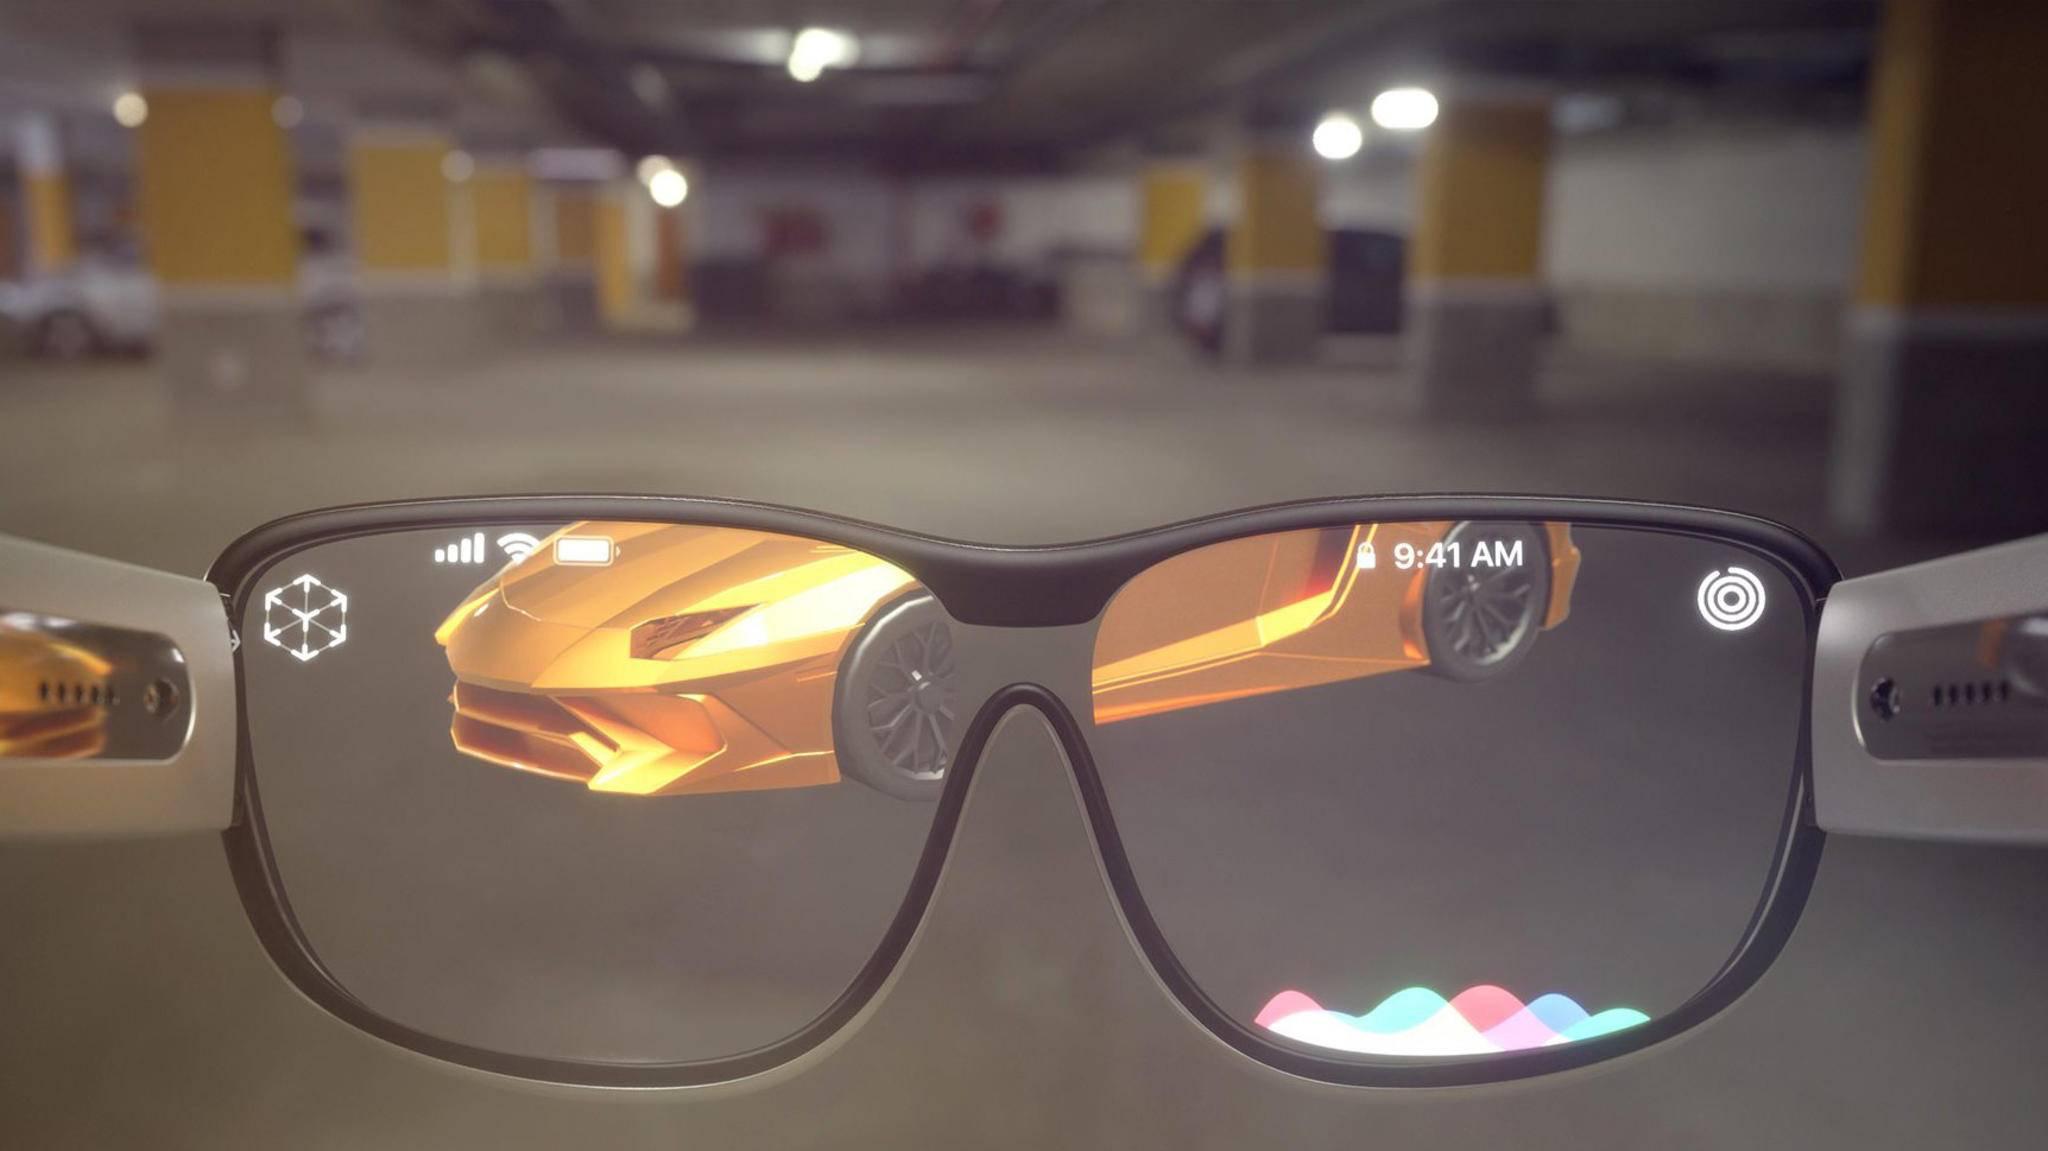 Hinweise im Code von iOS 13 wecken neue Spekulationen über eine mögliche AR-Brille von Apple.